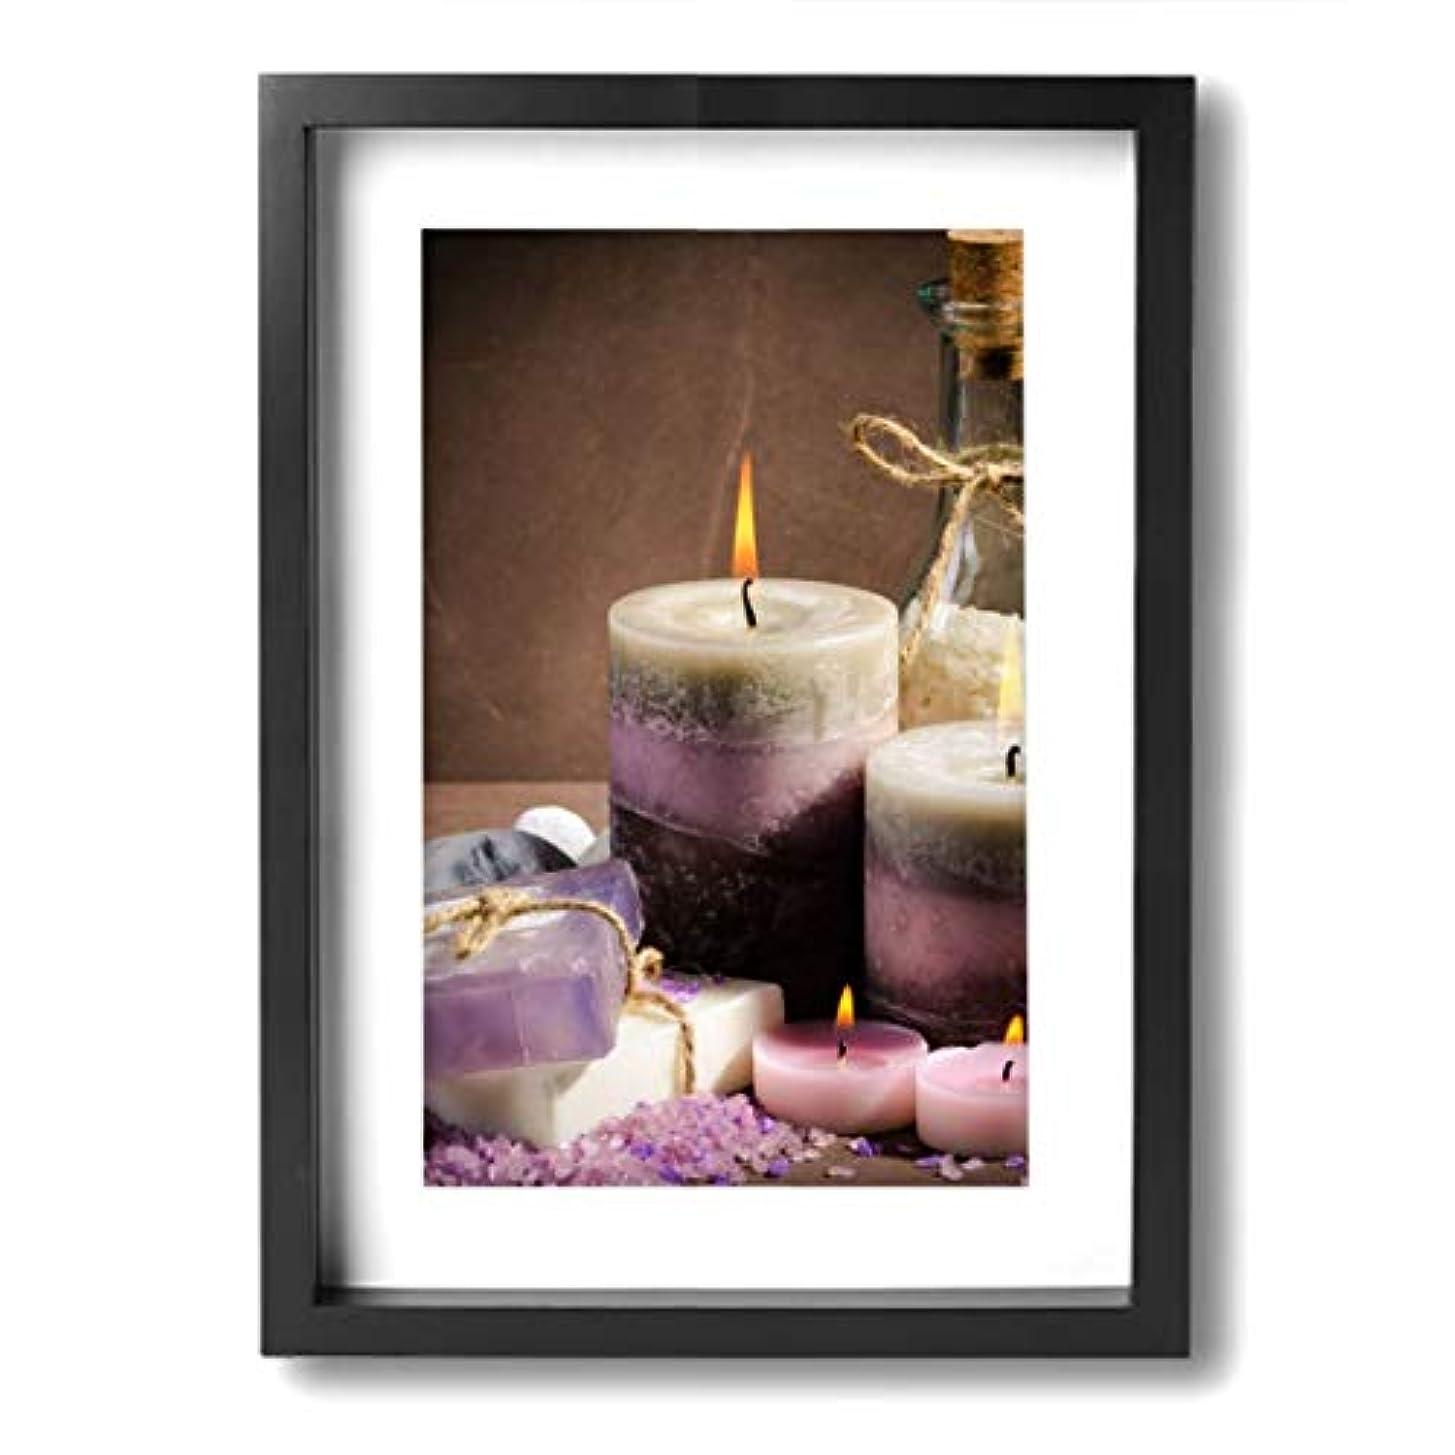 最愛の終わりルール魅力的な芸術 20x30cm Spa Purple Color Candle Oil キャンバスの壁アート 画像プリント絵画リビングルームの壁の装飾と家の装飾のための現代アートワークハングする準備ができて